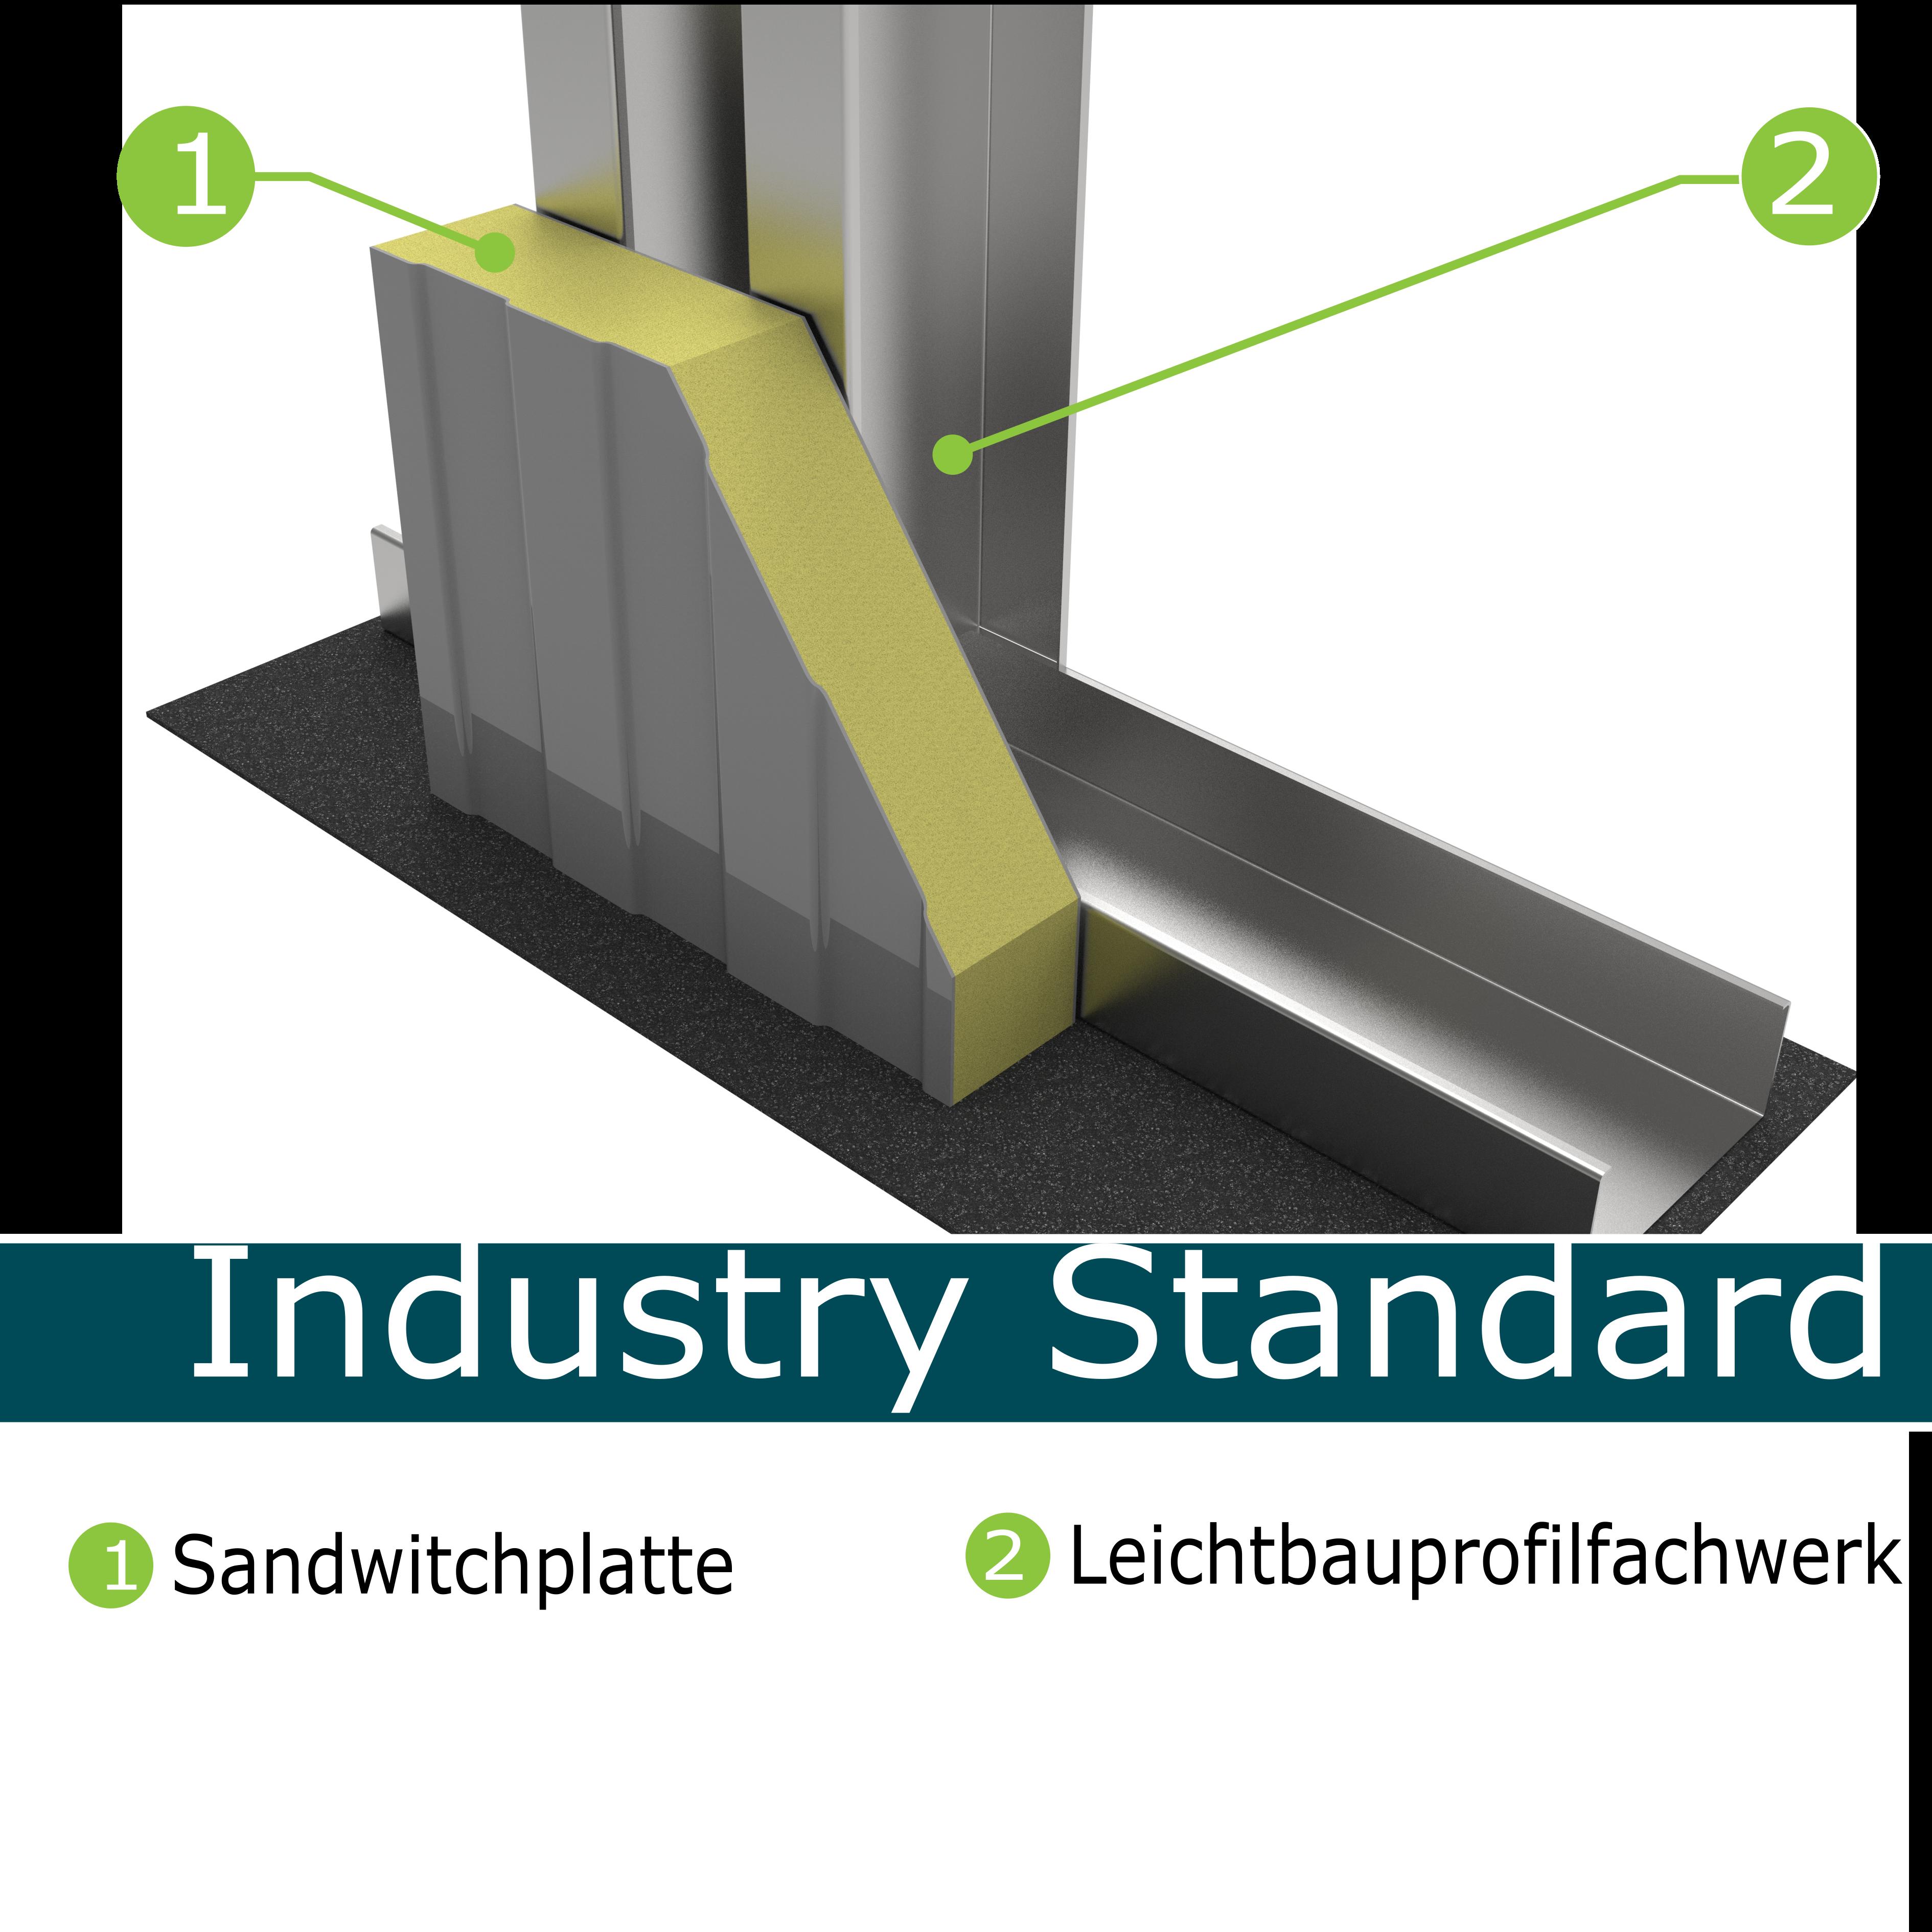 Hallenbau Industriehallen Ausführung Wandsystem Industry Standard EngGraph.